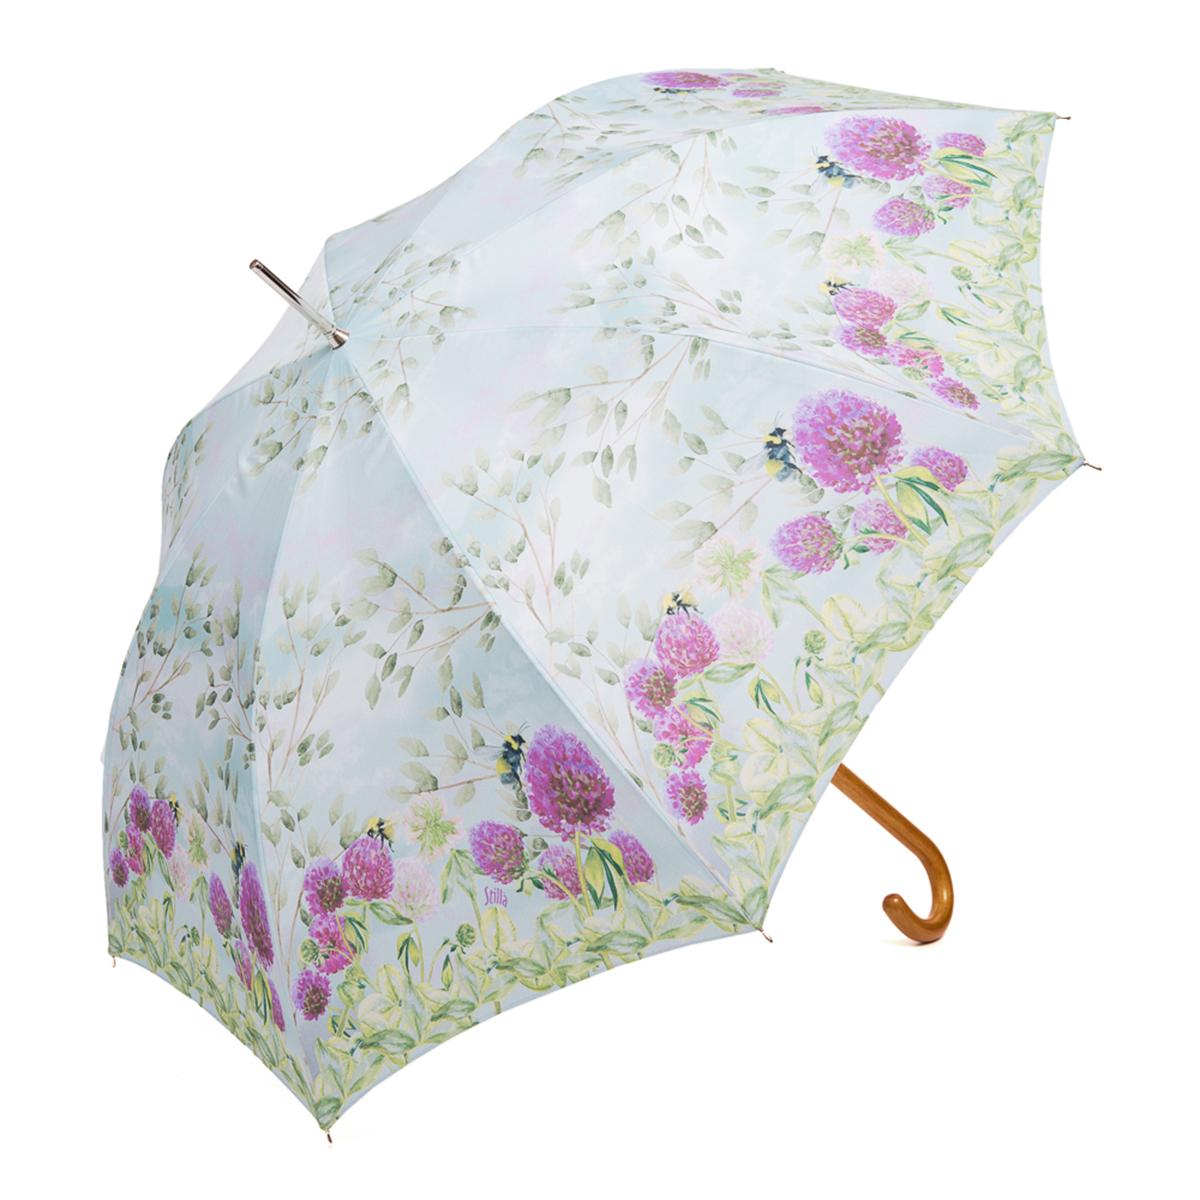 Зонт-трость женский Stilla, цвет: голубой, зеленый, пурпурный. 757/1 auto